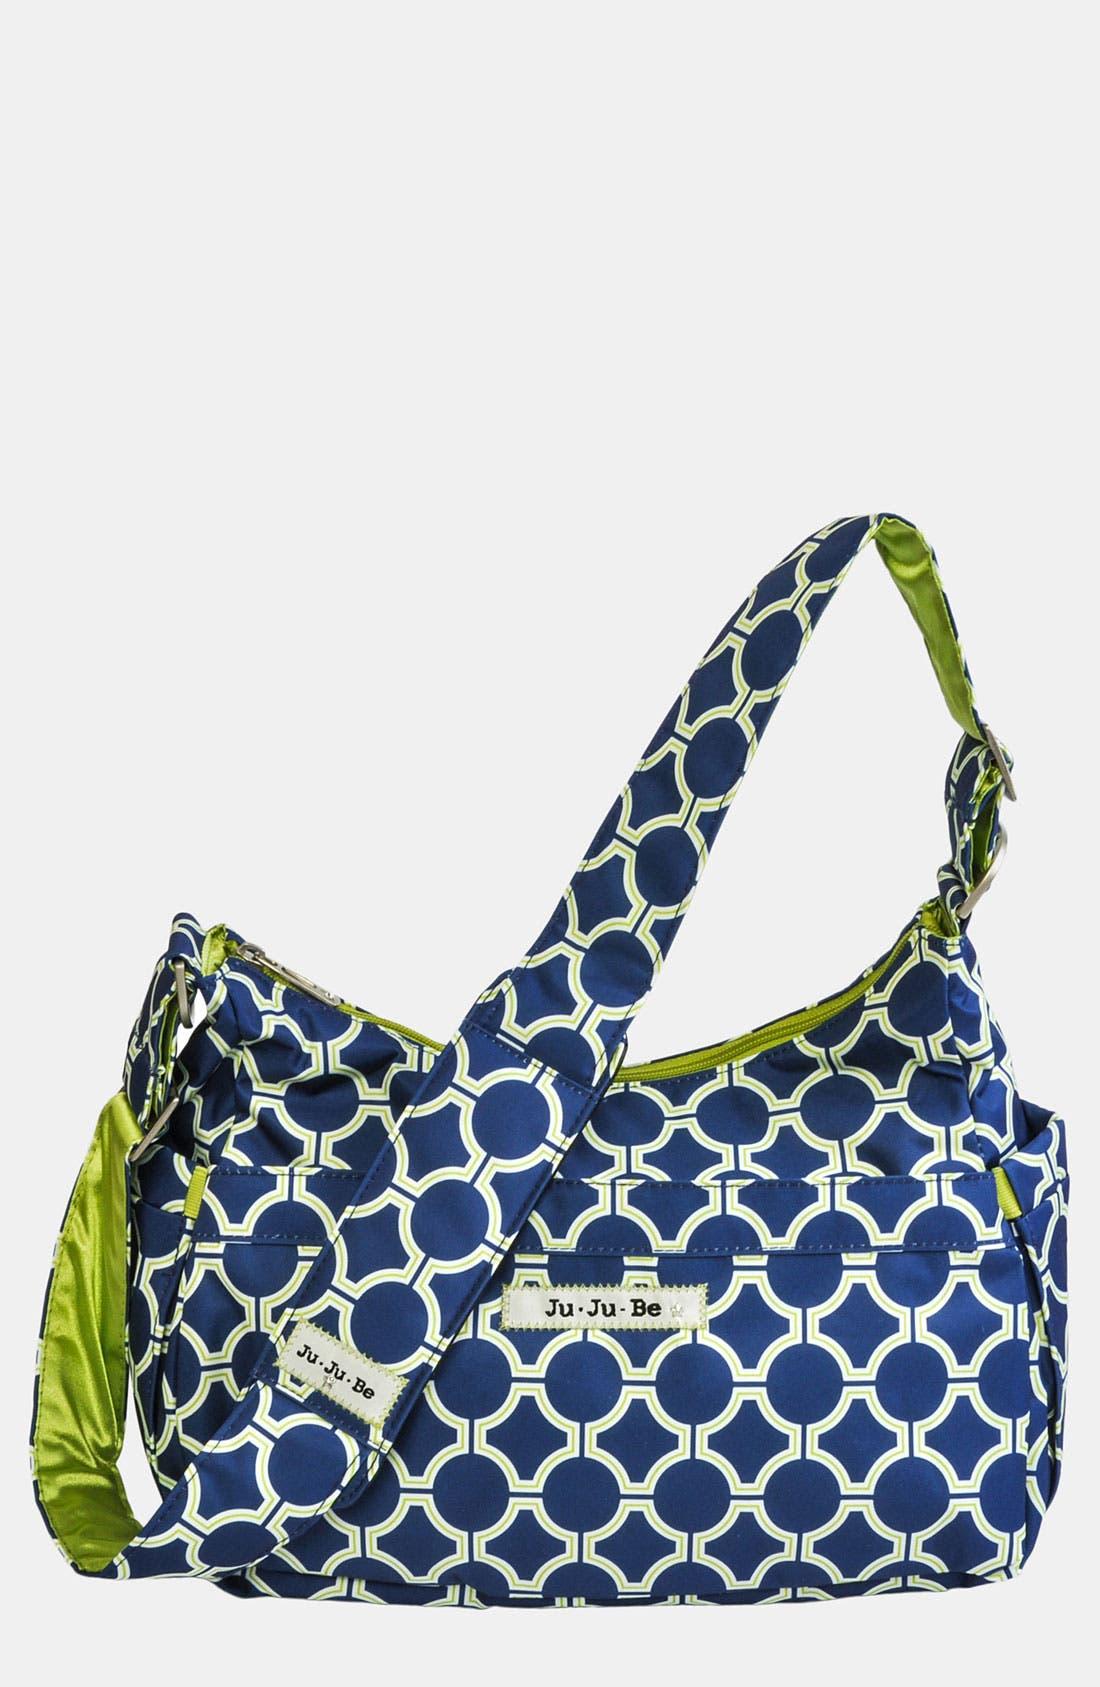 Alternate Image 1 Selected - Ju-Ju-Be 'HoboBe' Diaper Bag